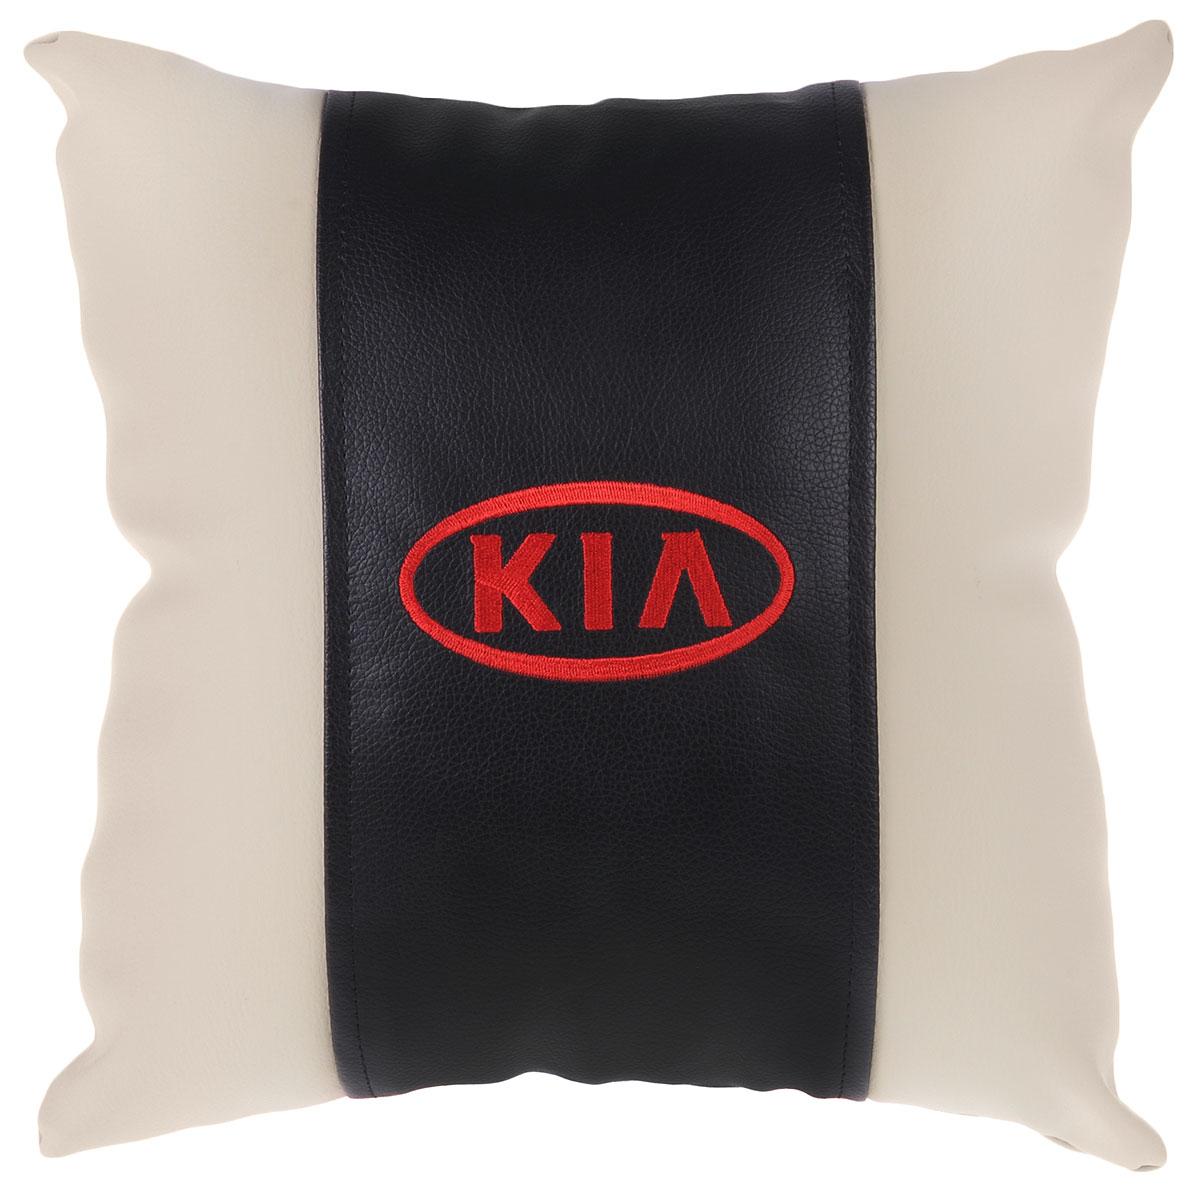 Подушка на сиденье Autoparts Kia, цвет: молочный, 30 х 30 смМ054_молочныйПодушка на сиденье Autoparts Kia, цвет: молочный, 30 х 30 см